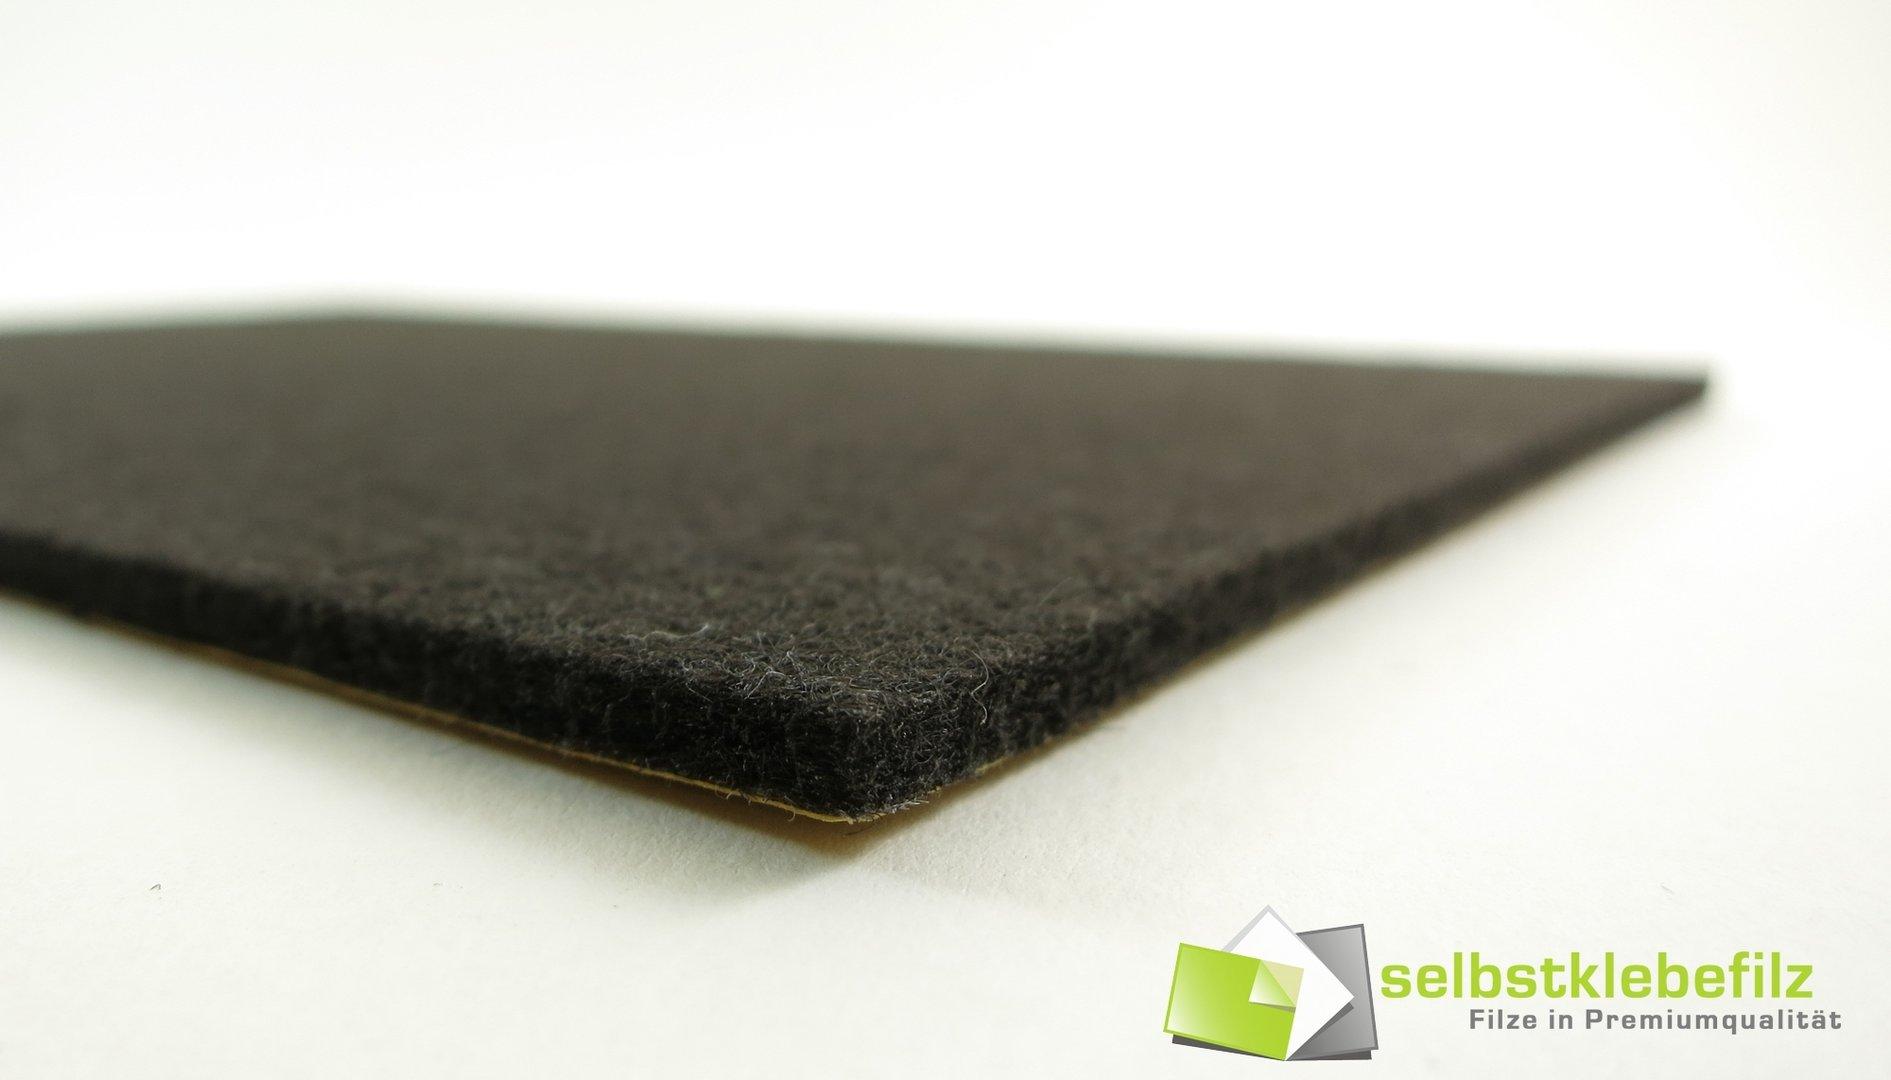 Filz Meterware 3mm dick | schwarz, anthrazit, braun, weiß | Breite 100cm, selbstklebend